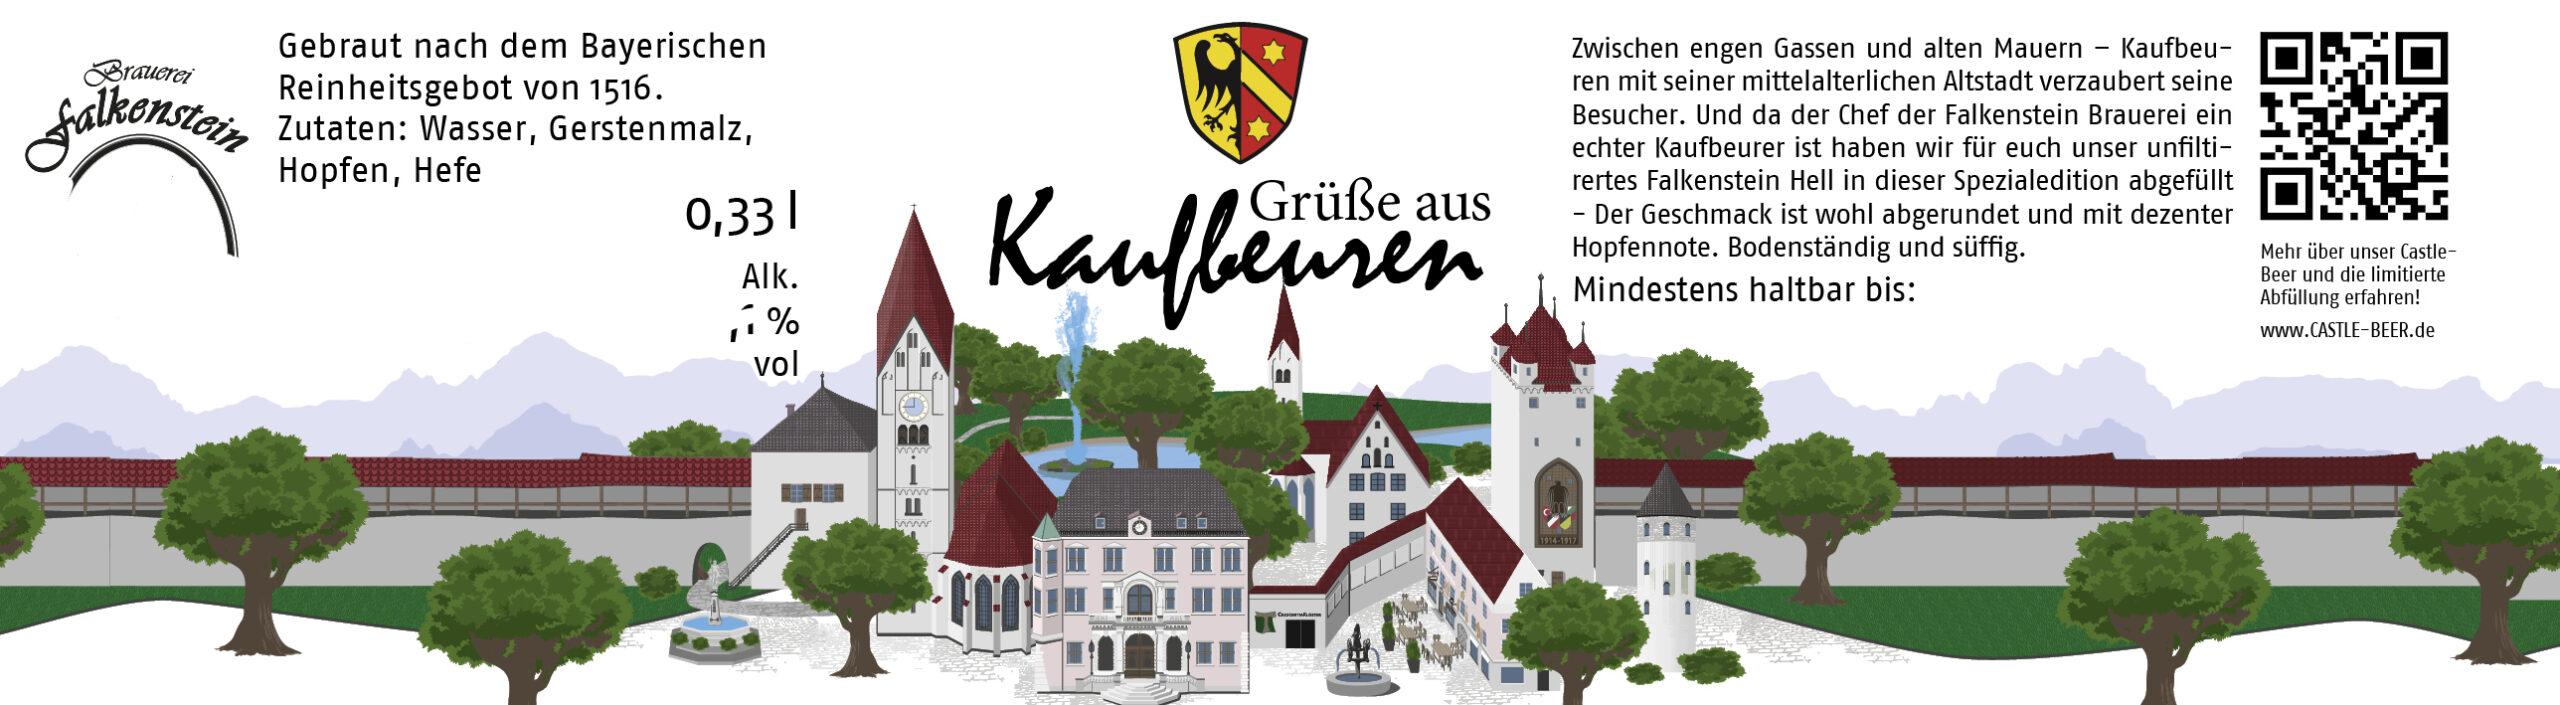 Falkenstein Hell 033l - Bild